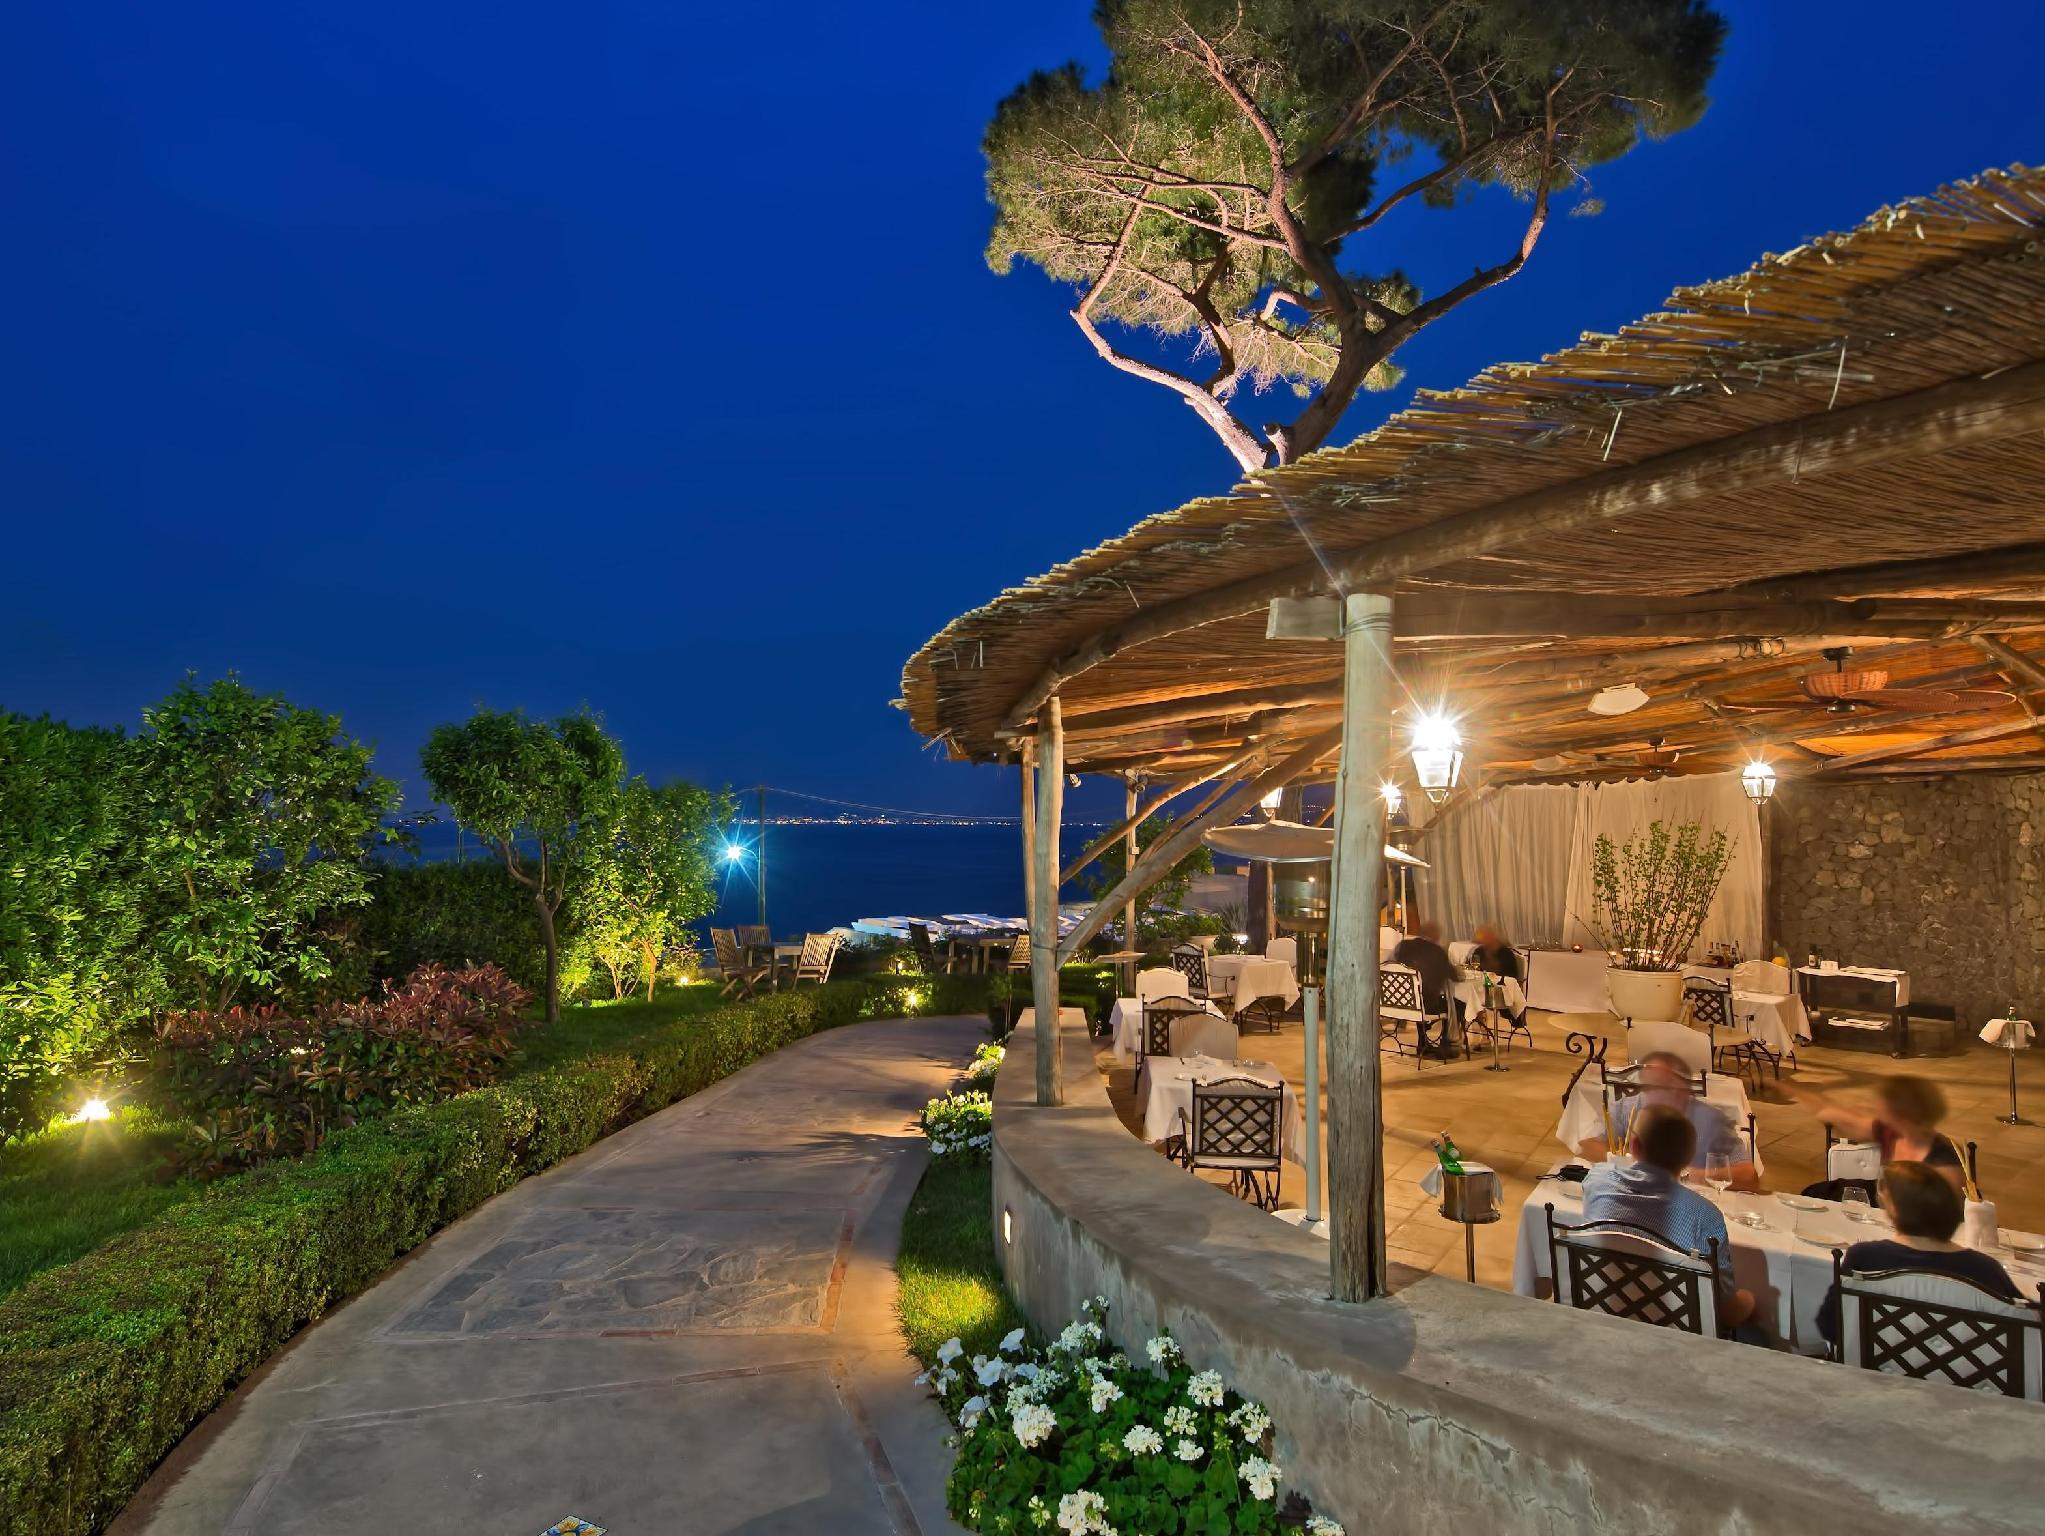 Capri hotel la residenza in italy europe for Capri villa